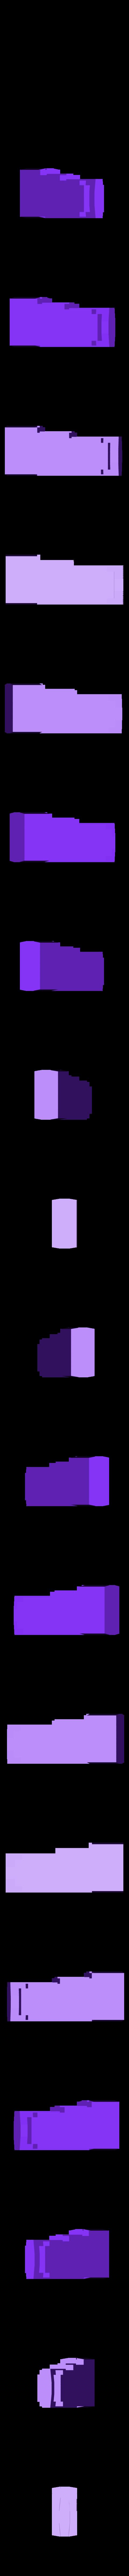 UBS_Tower.stl Télécharger fichier STL gratuit Mise à jour de Chicago • Plan pour impression 3D, Urukgar4D